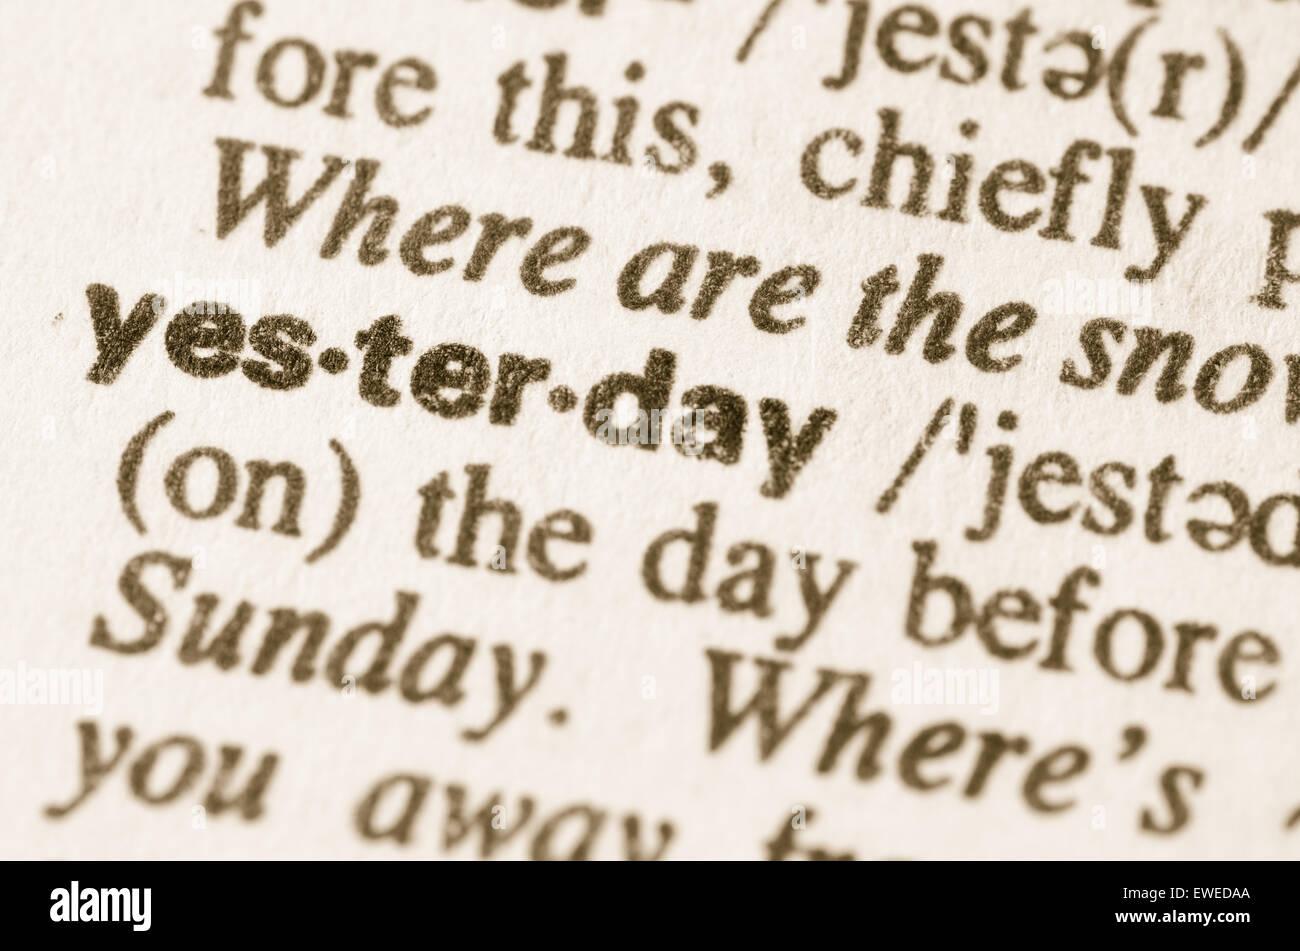 Definición de la palabra ayer en el diccionario. Imagen De Stock